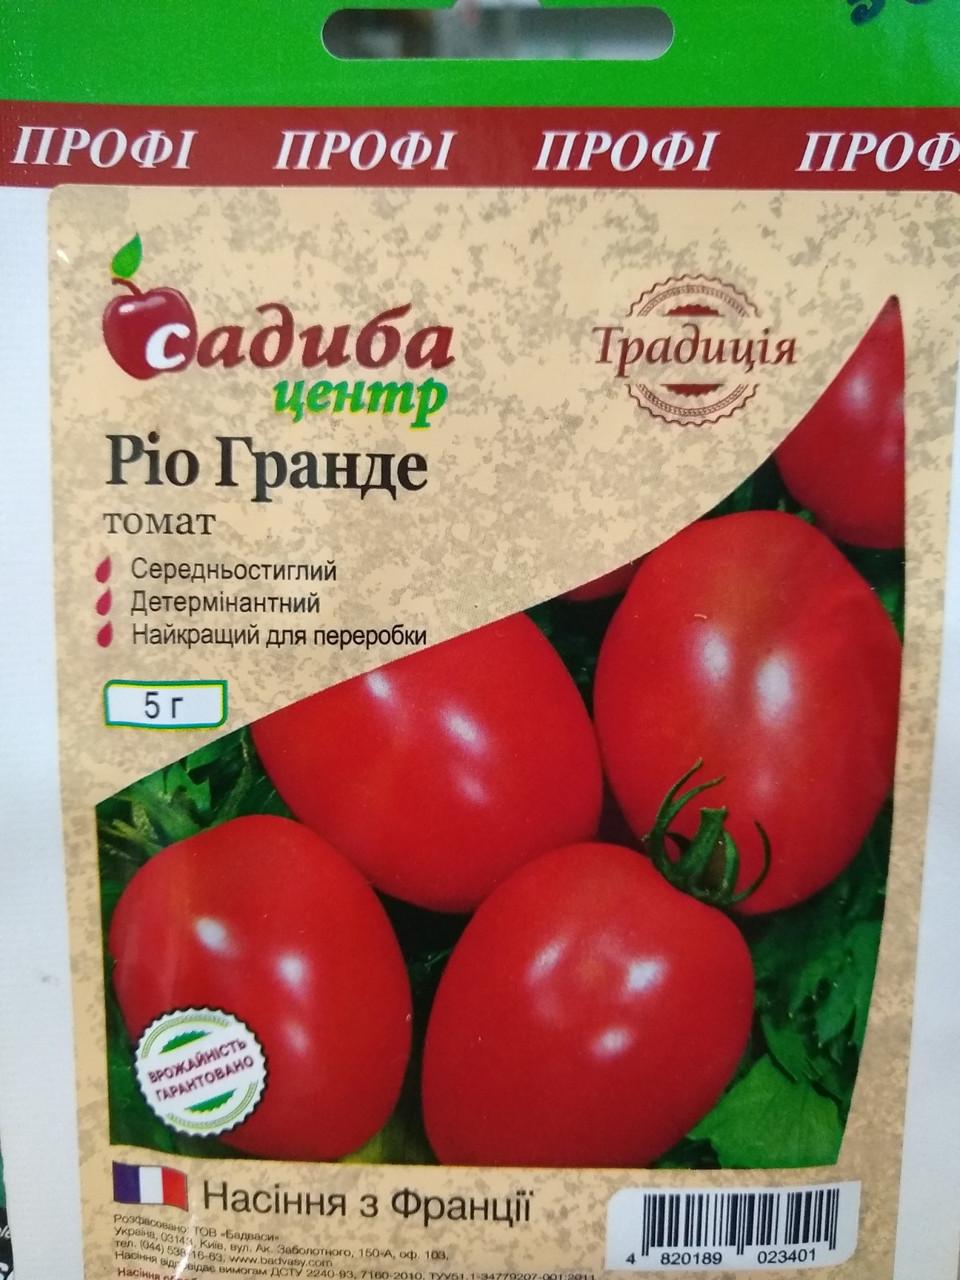 Семена Томат Рио гранде сорт среднеранний детерминантный красный  5 грамм семян упаковка Service Plus Франция